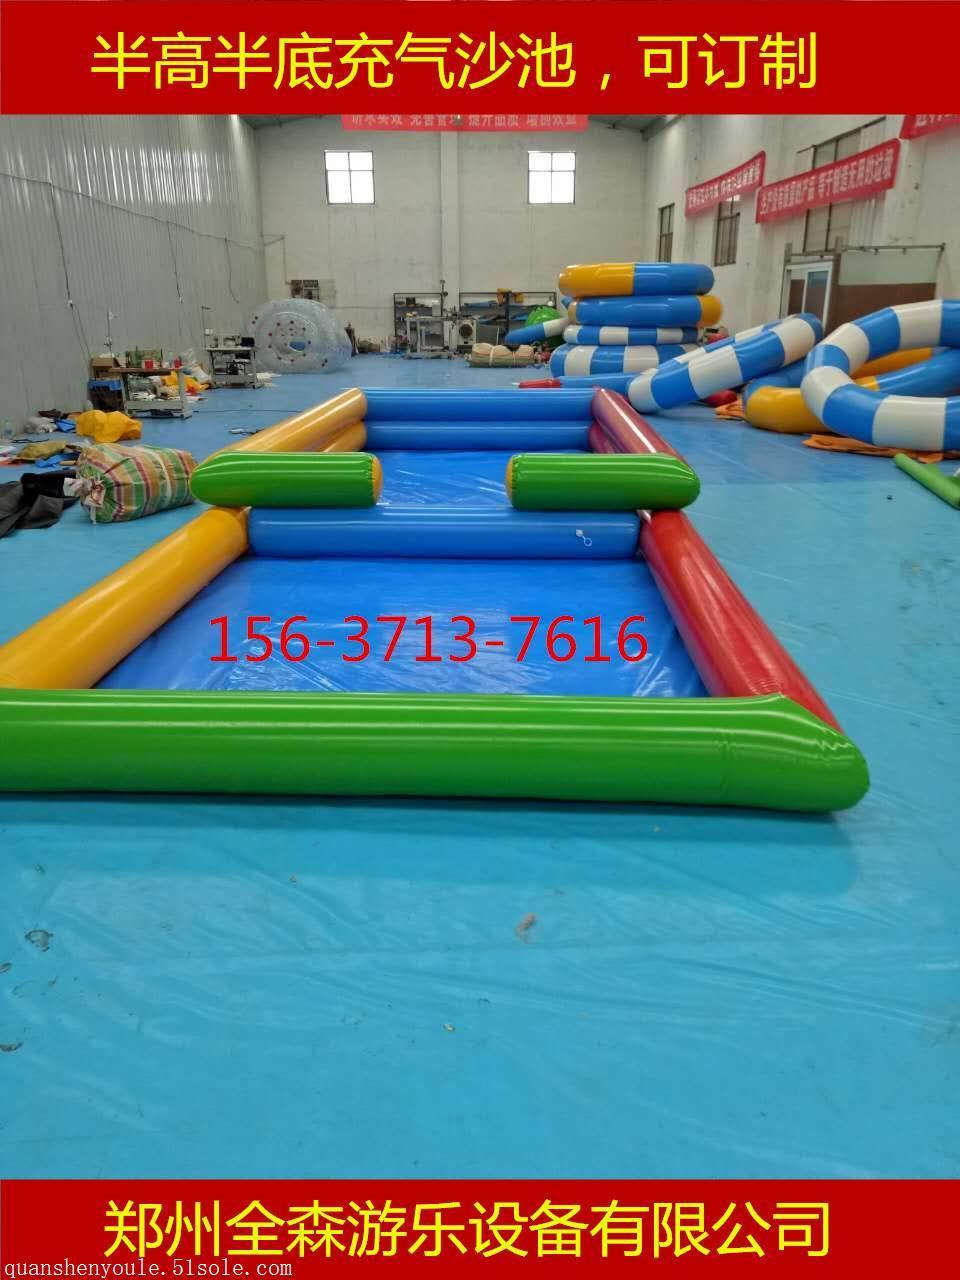 移动充气沙滩池/充气水池价格/儿童沙池海洋球池组合乐园